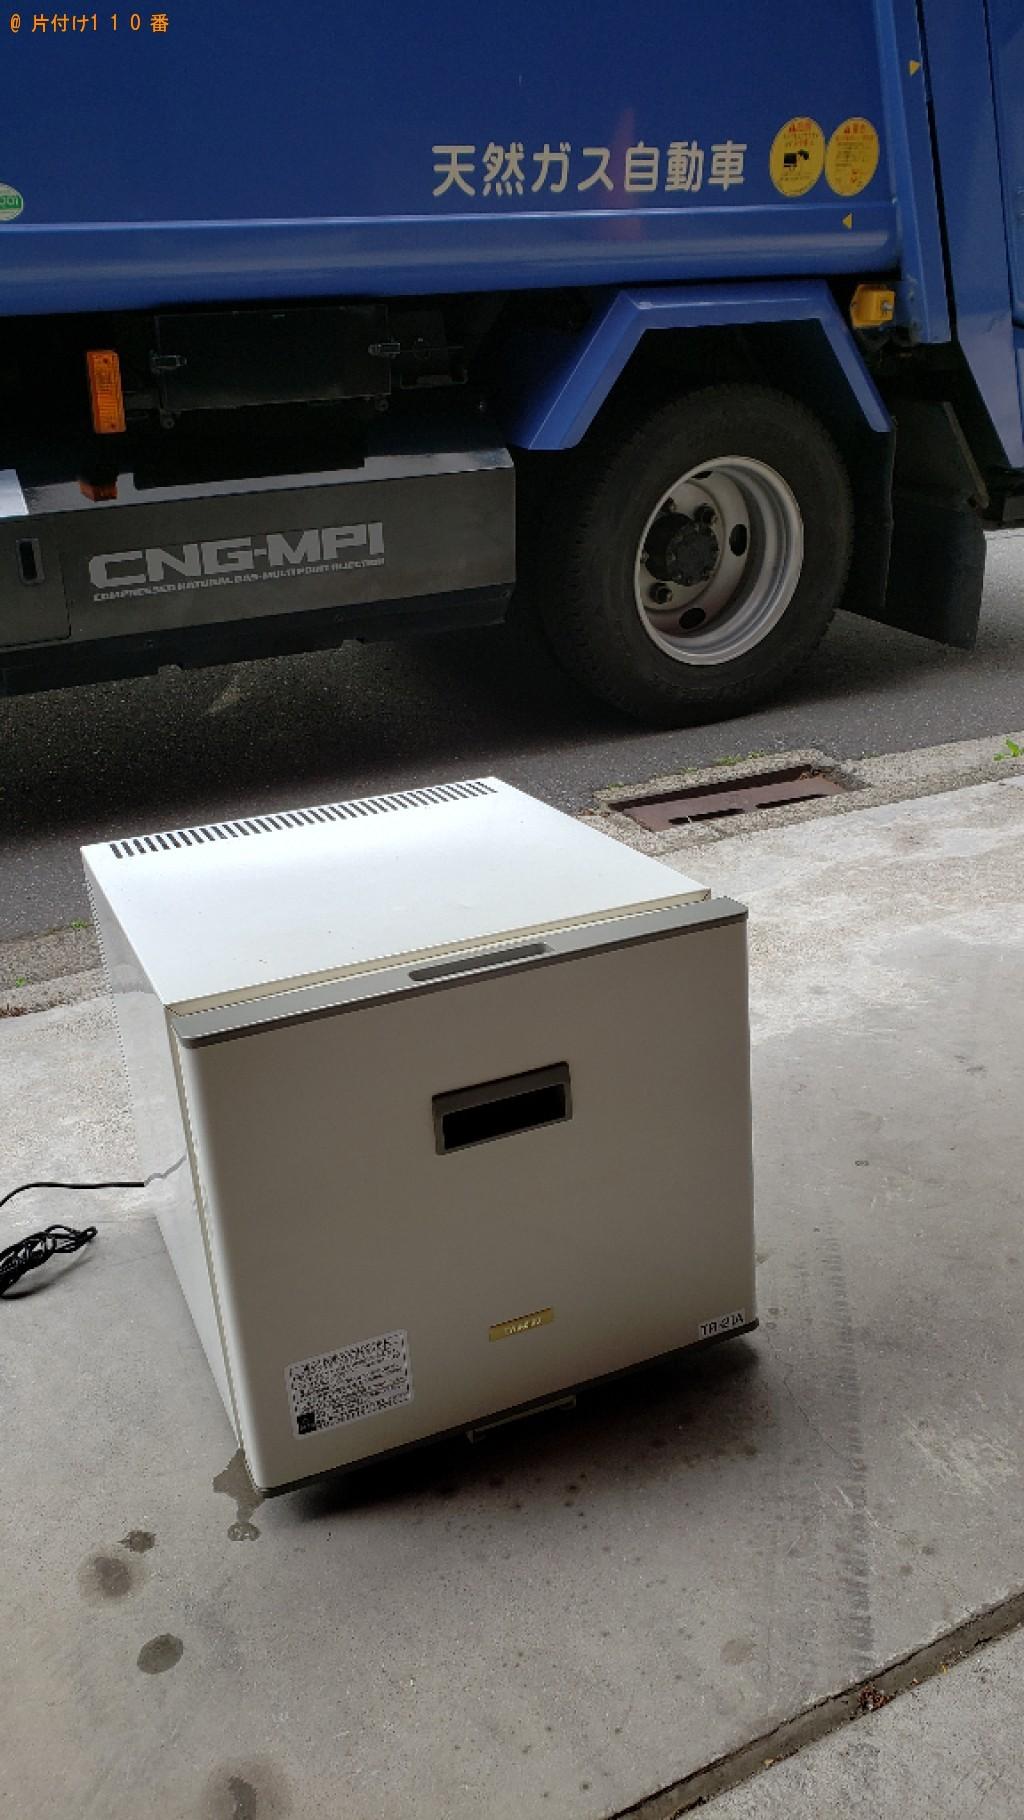 【千葉市中央区】冷蔵庫の回収・処分ご依頼 お客様の声